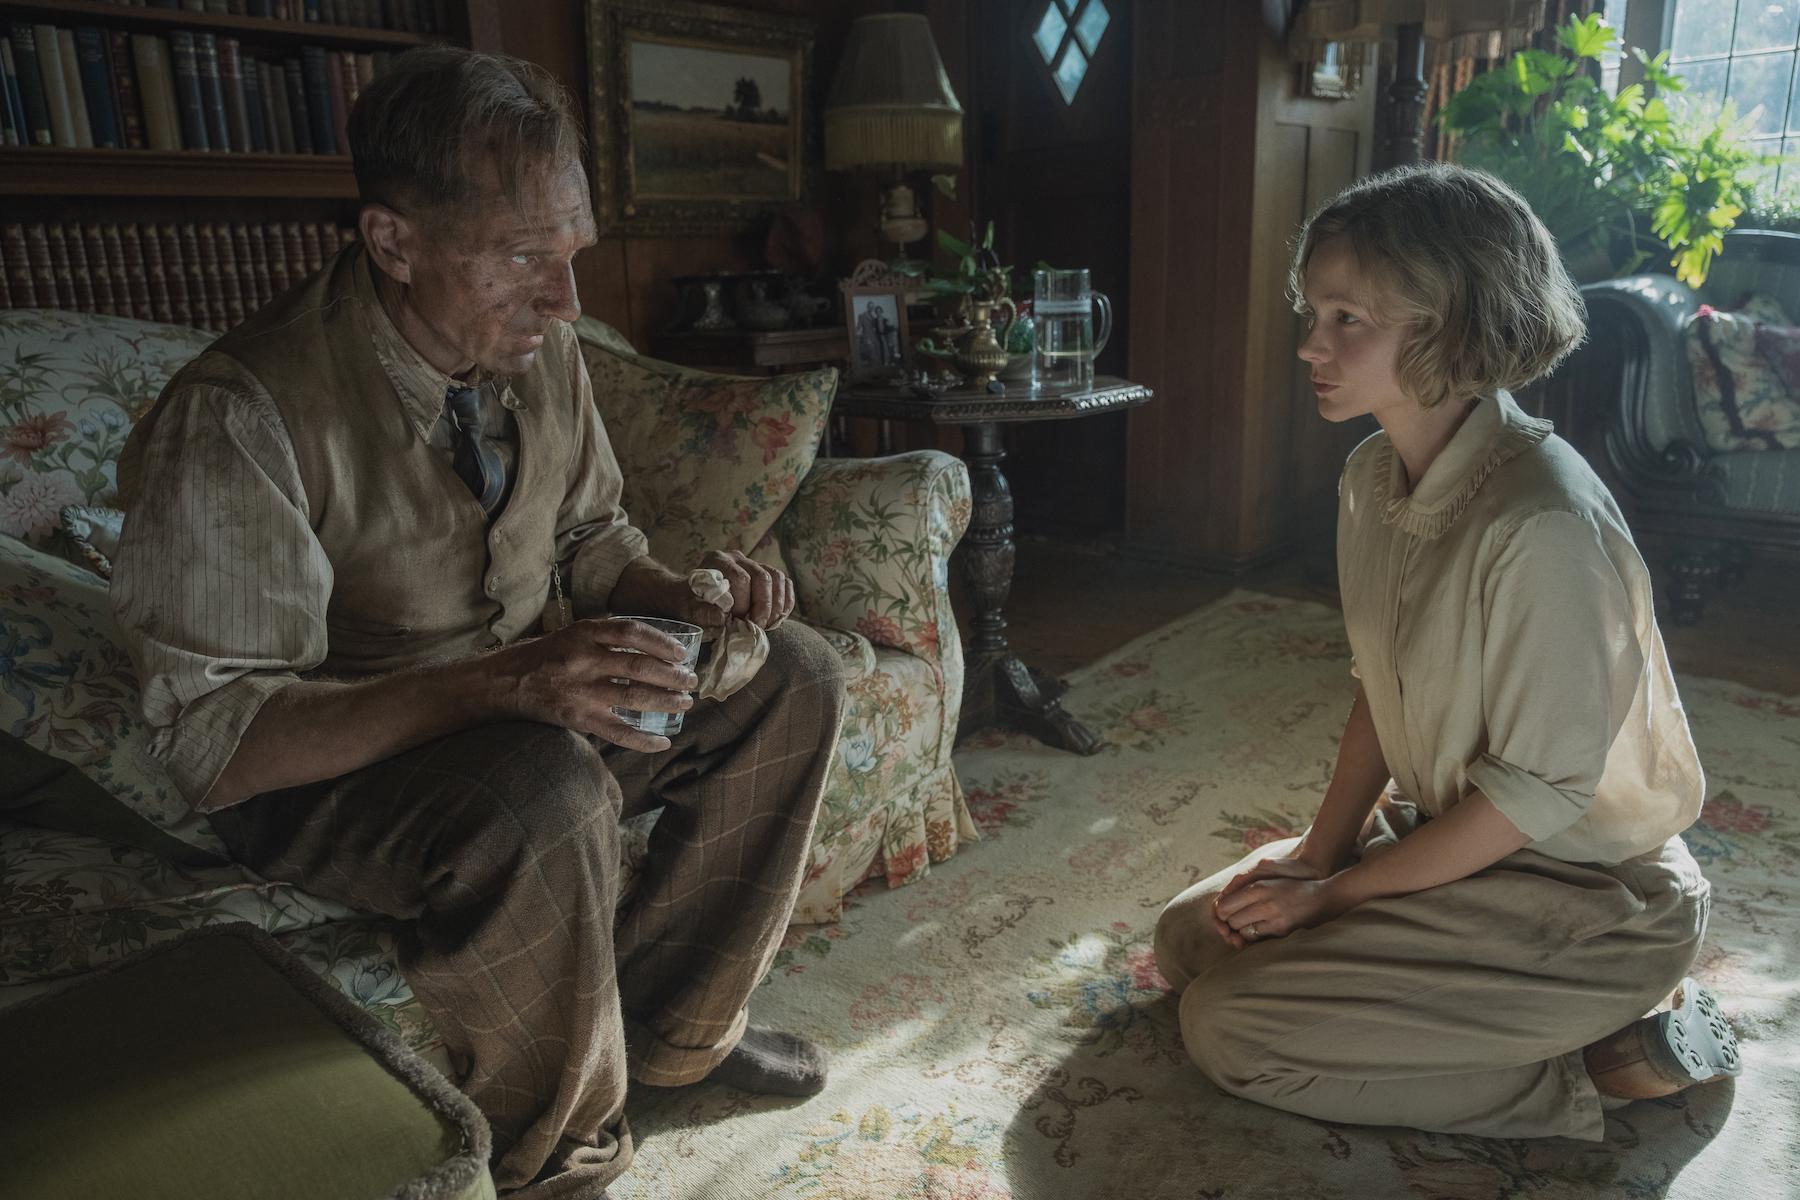 Обзор 'The Dig': Кэри Маллиган и Ральф Файнс в «Тихой драме о упрямстве истории»